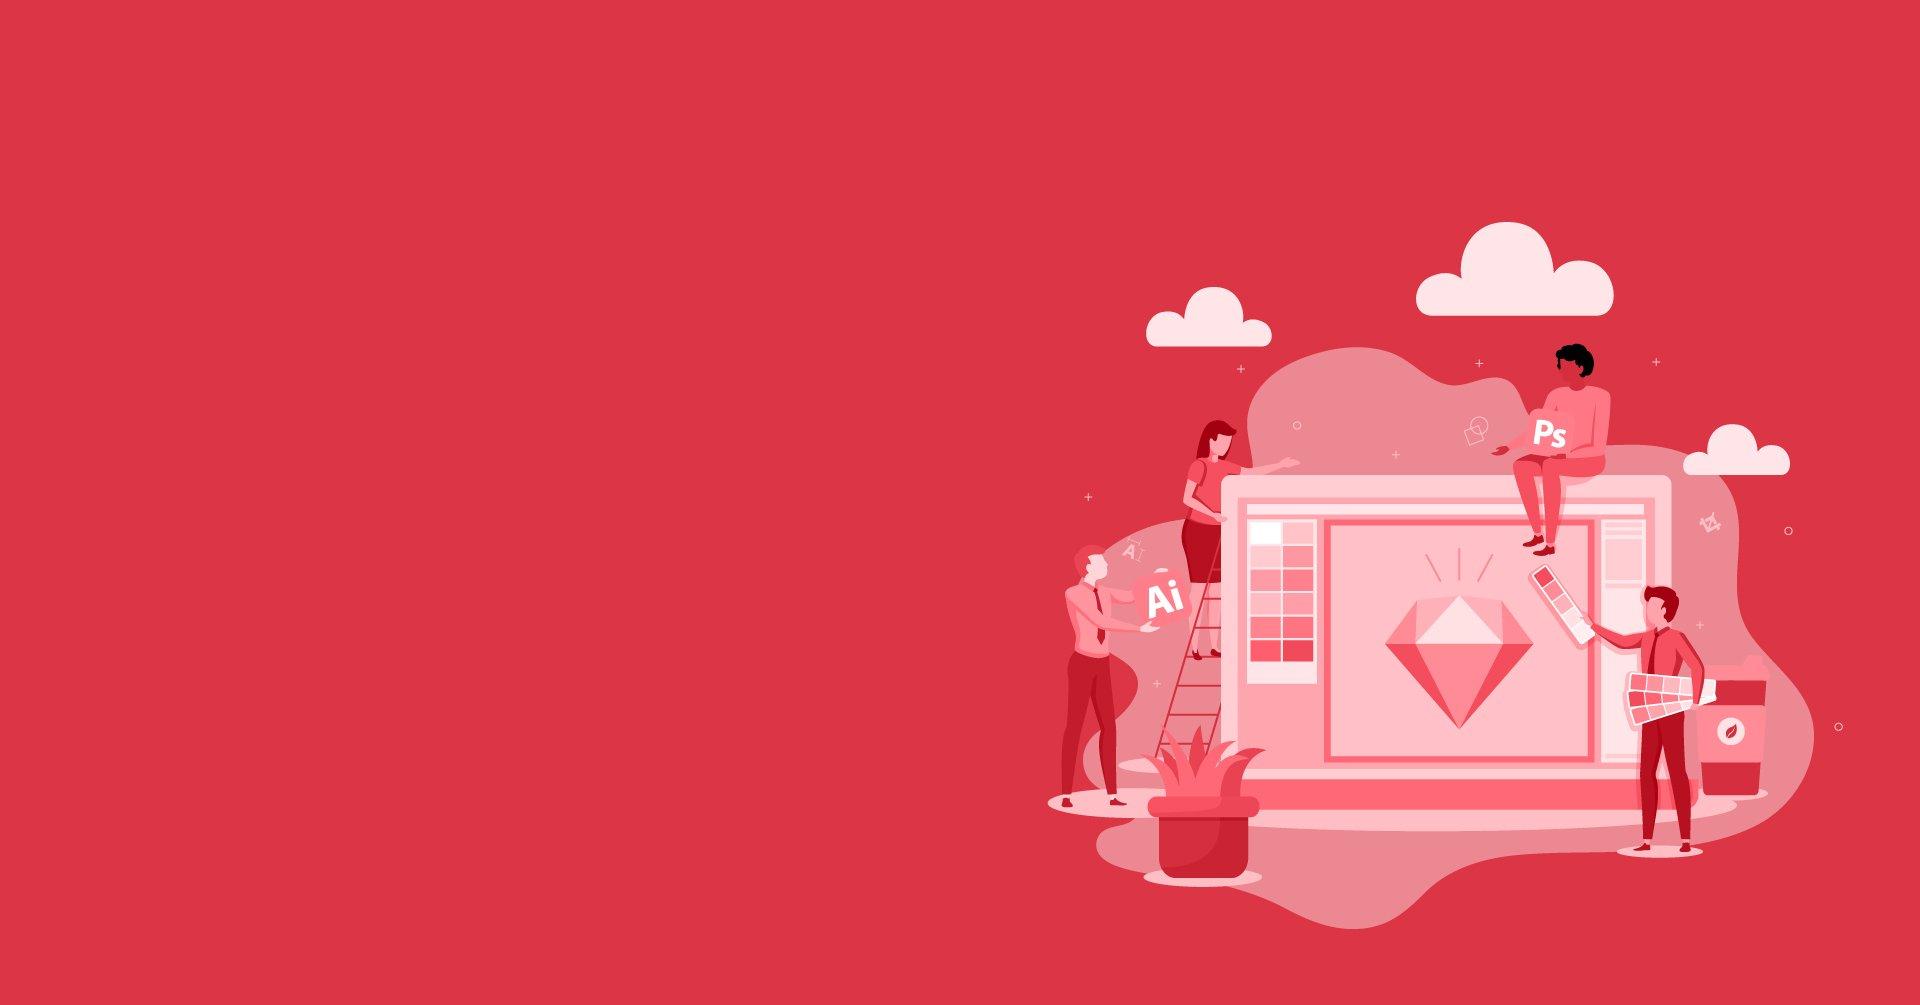 ¿Cómo usar imágenes en una página web? Tips para 2019